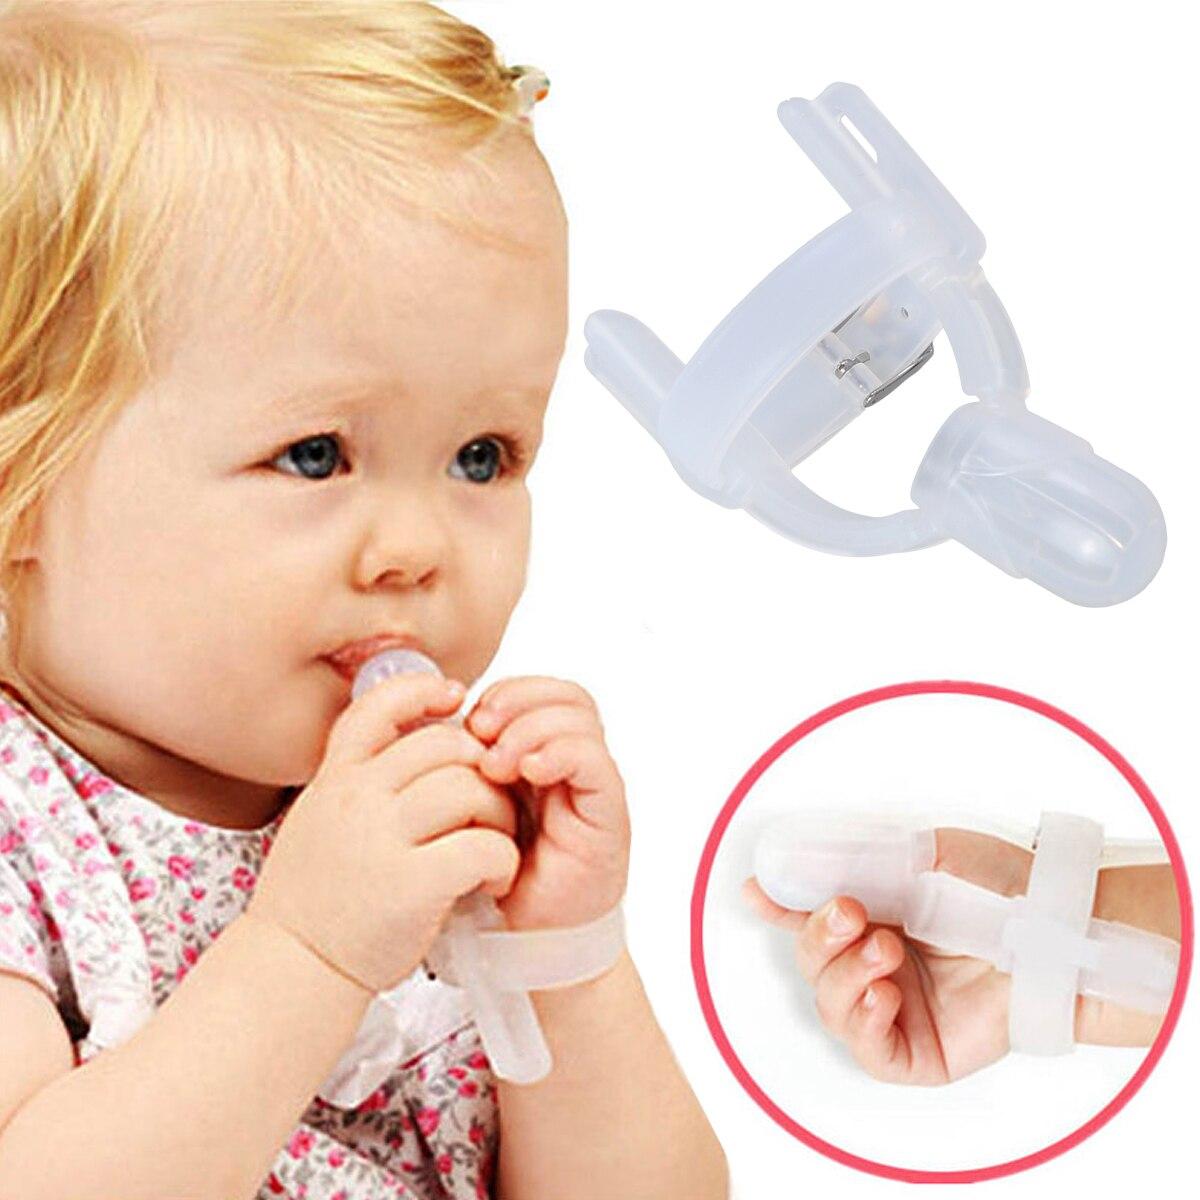 Ребенок сосет большой палец: что делать как отучить причины голод прорезывание зубов психологические факторы доктор комаровский о дурных привычках